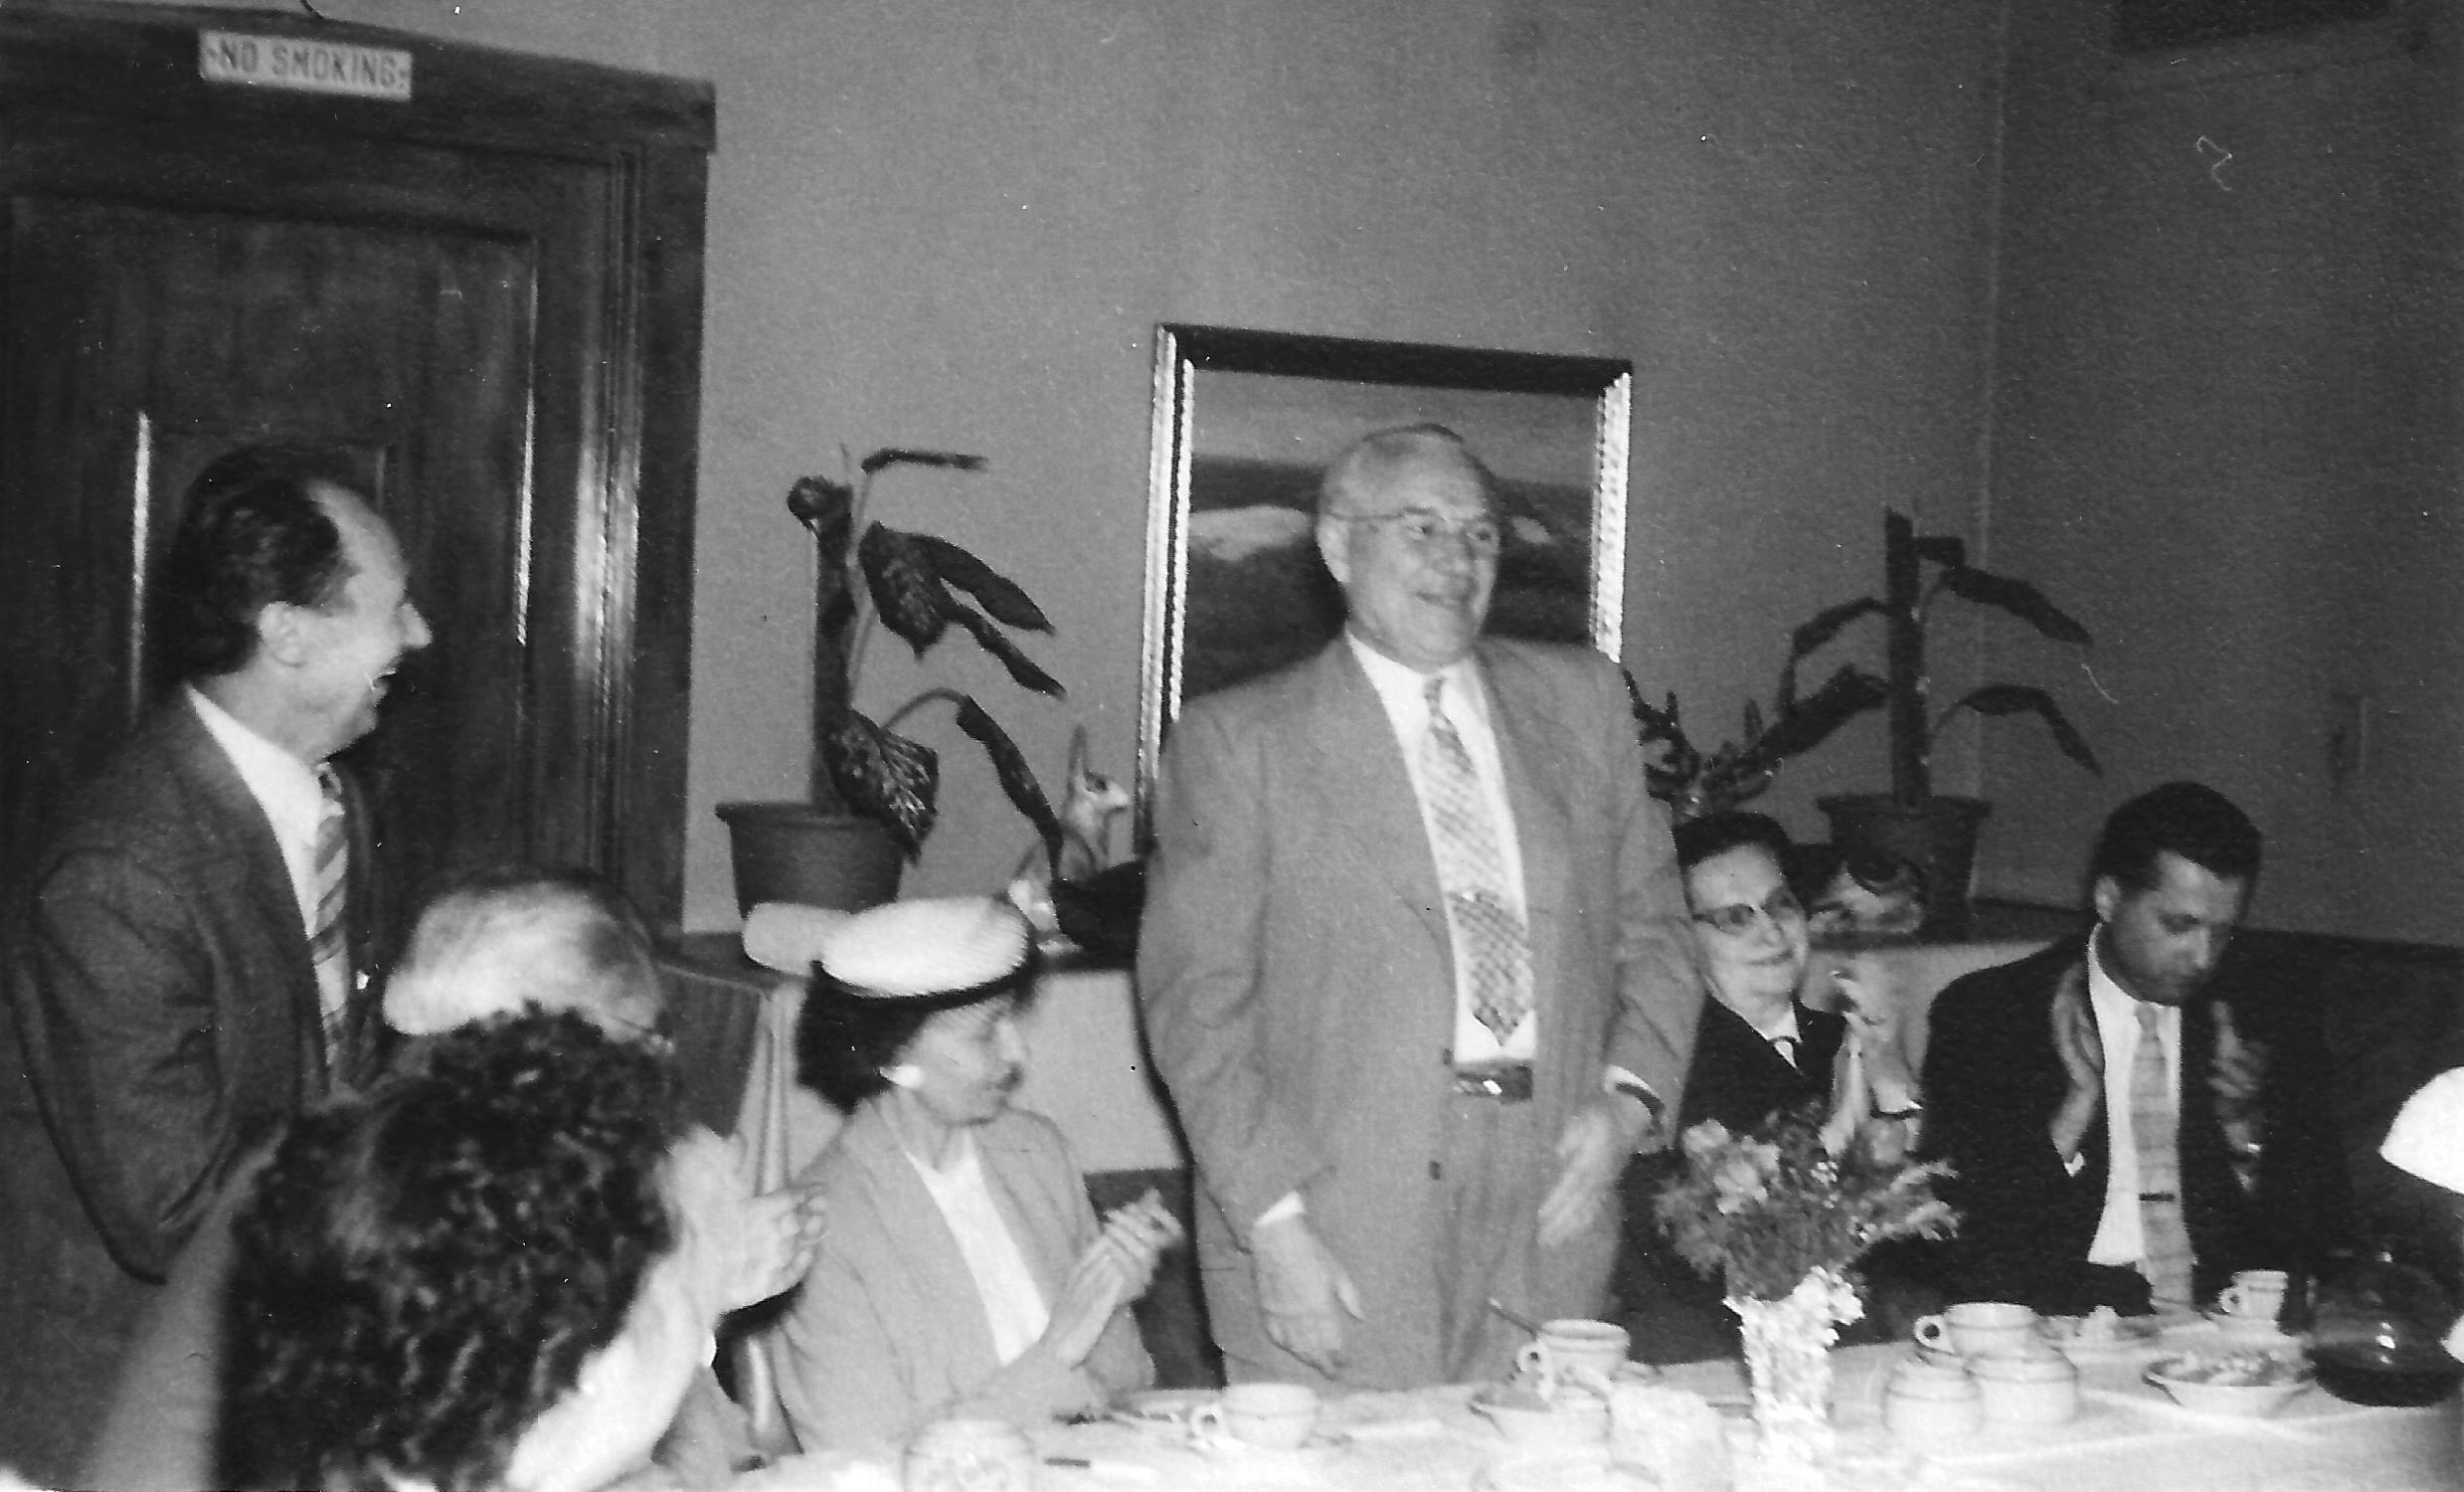 Frank Rakas (v.) praneša apie savo dovaną. Kairėje stovi V. Pavilčius, šalia F. Rako sėdi Milda Budrienė, kitoje pusėje Biežienė ir Stasys Budrys.